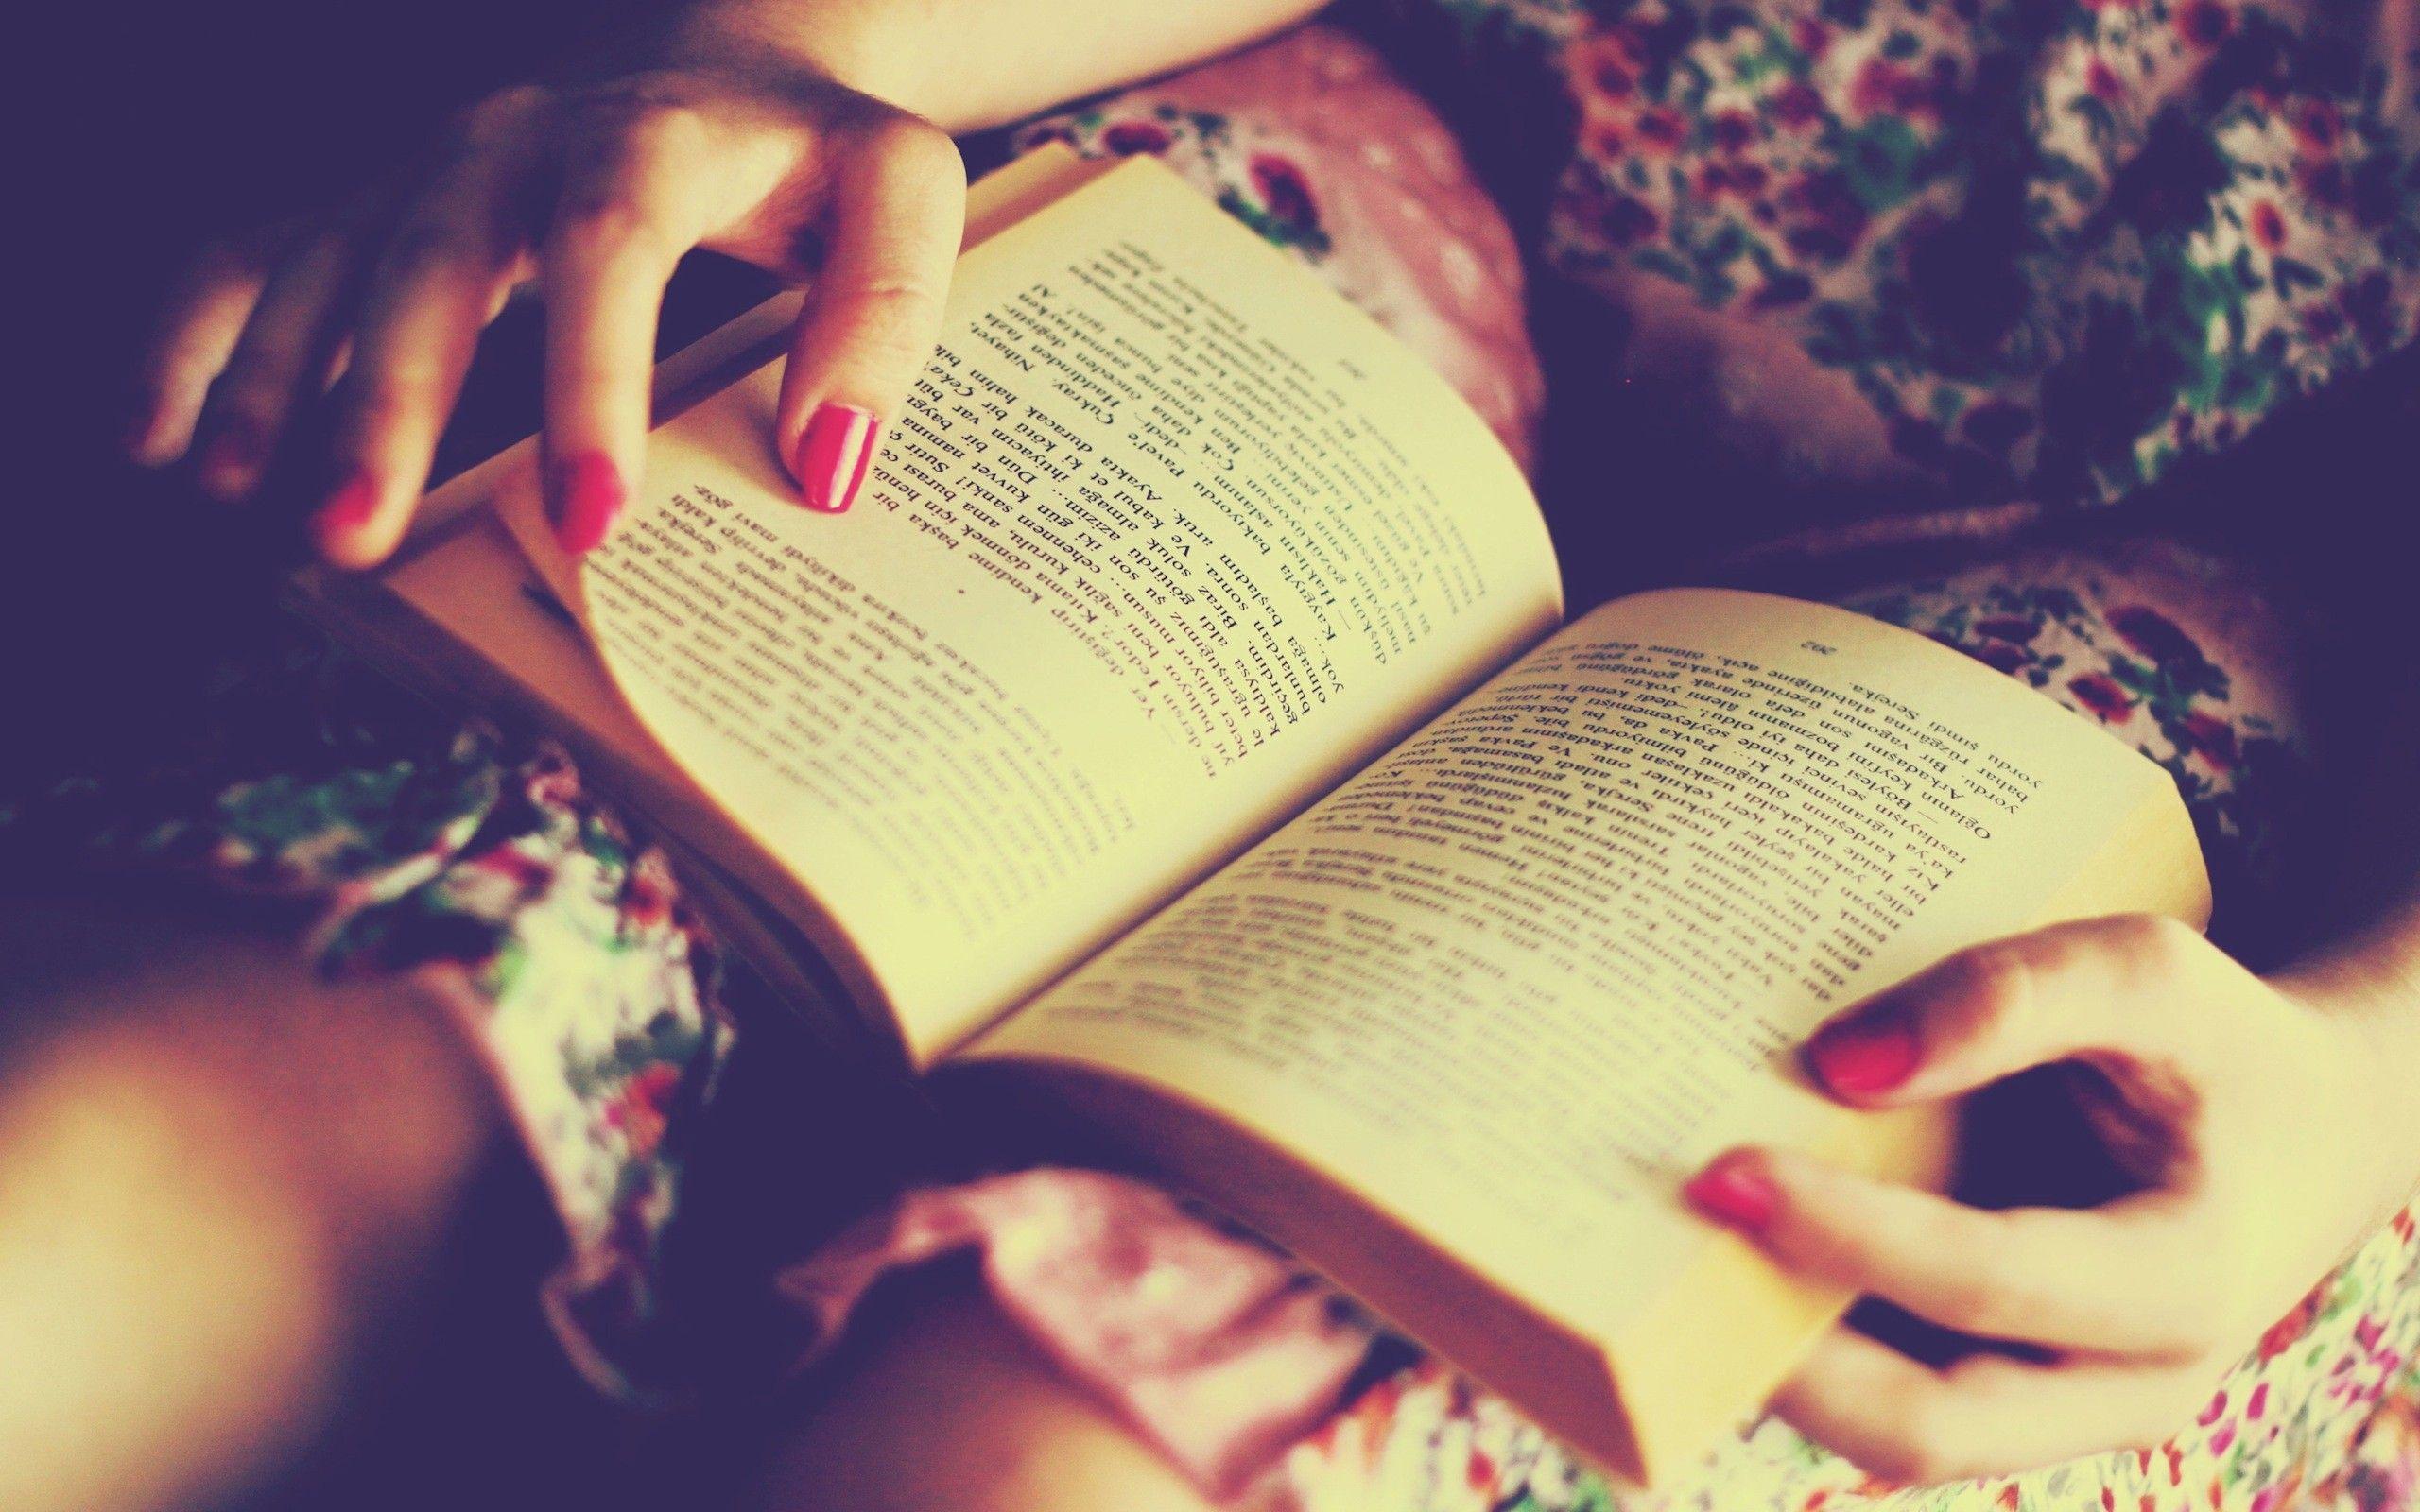 Che libri state leggendo?